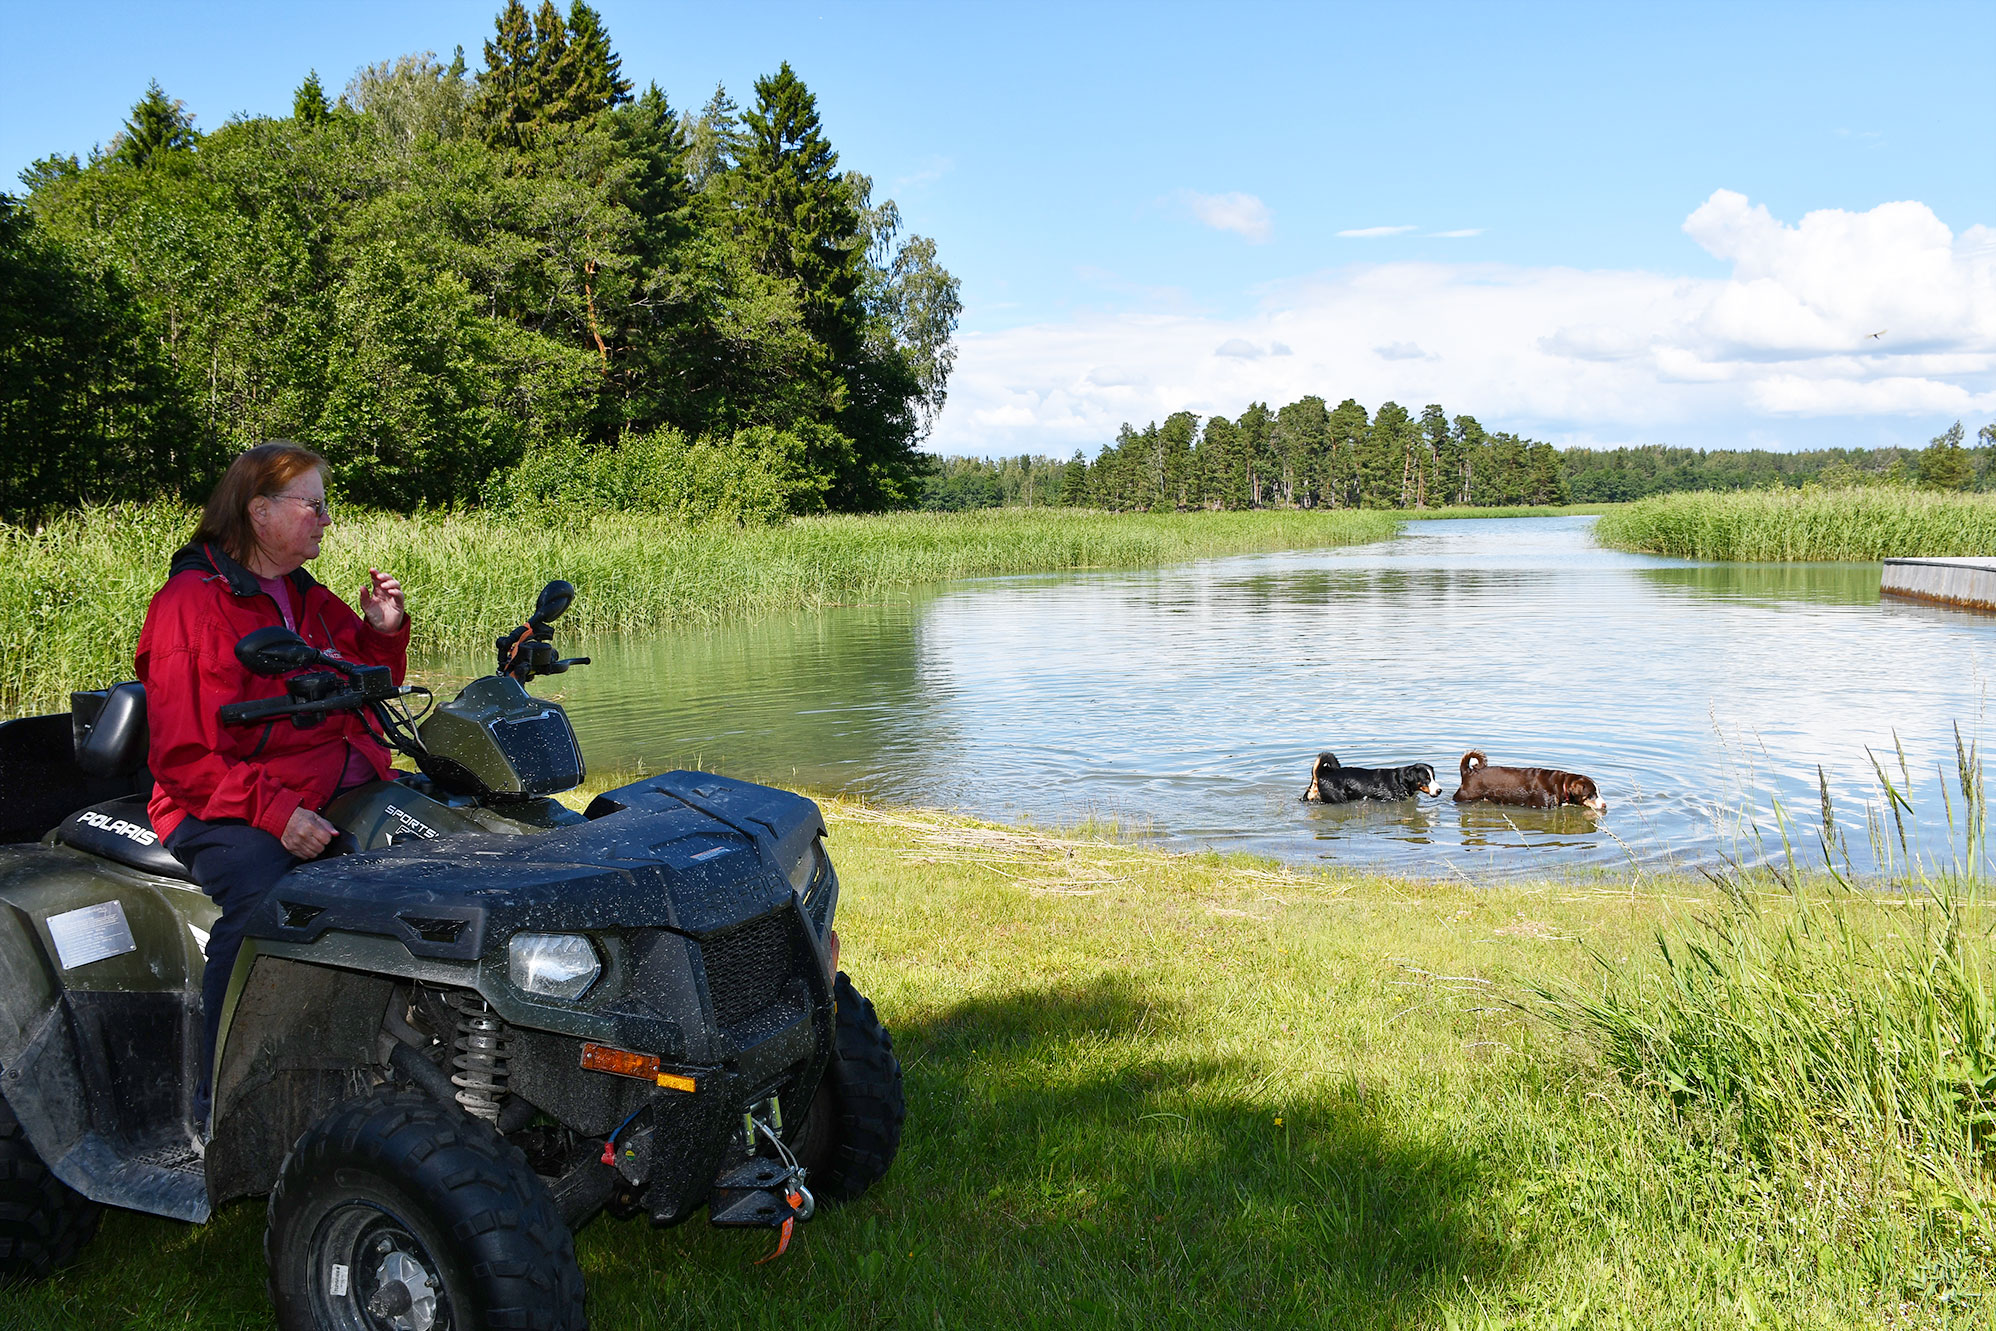 Wenn Vuokko ihre Hunde spazieren führt, fährt sie mit dem Quad voraus.